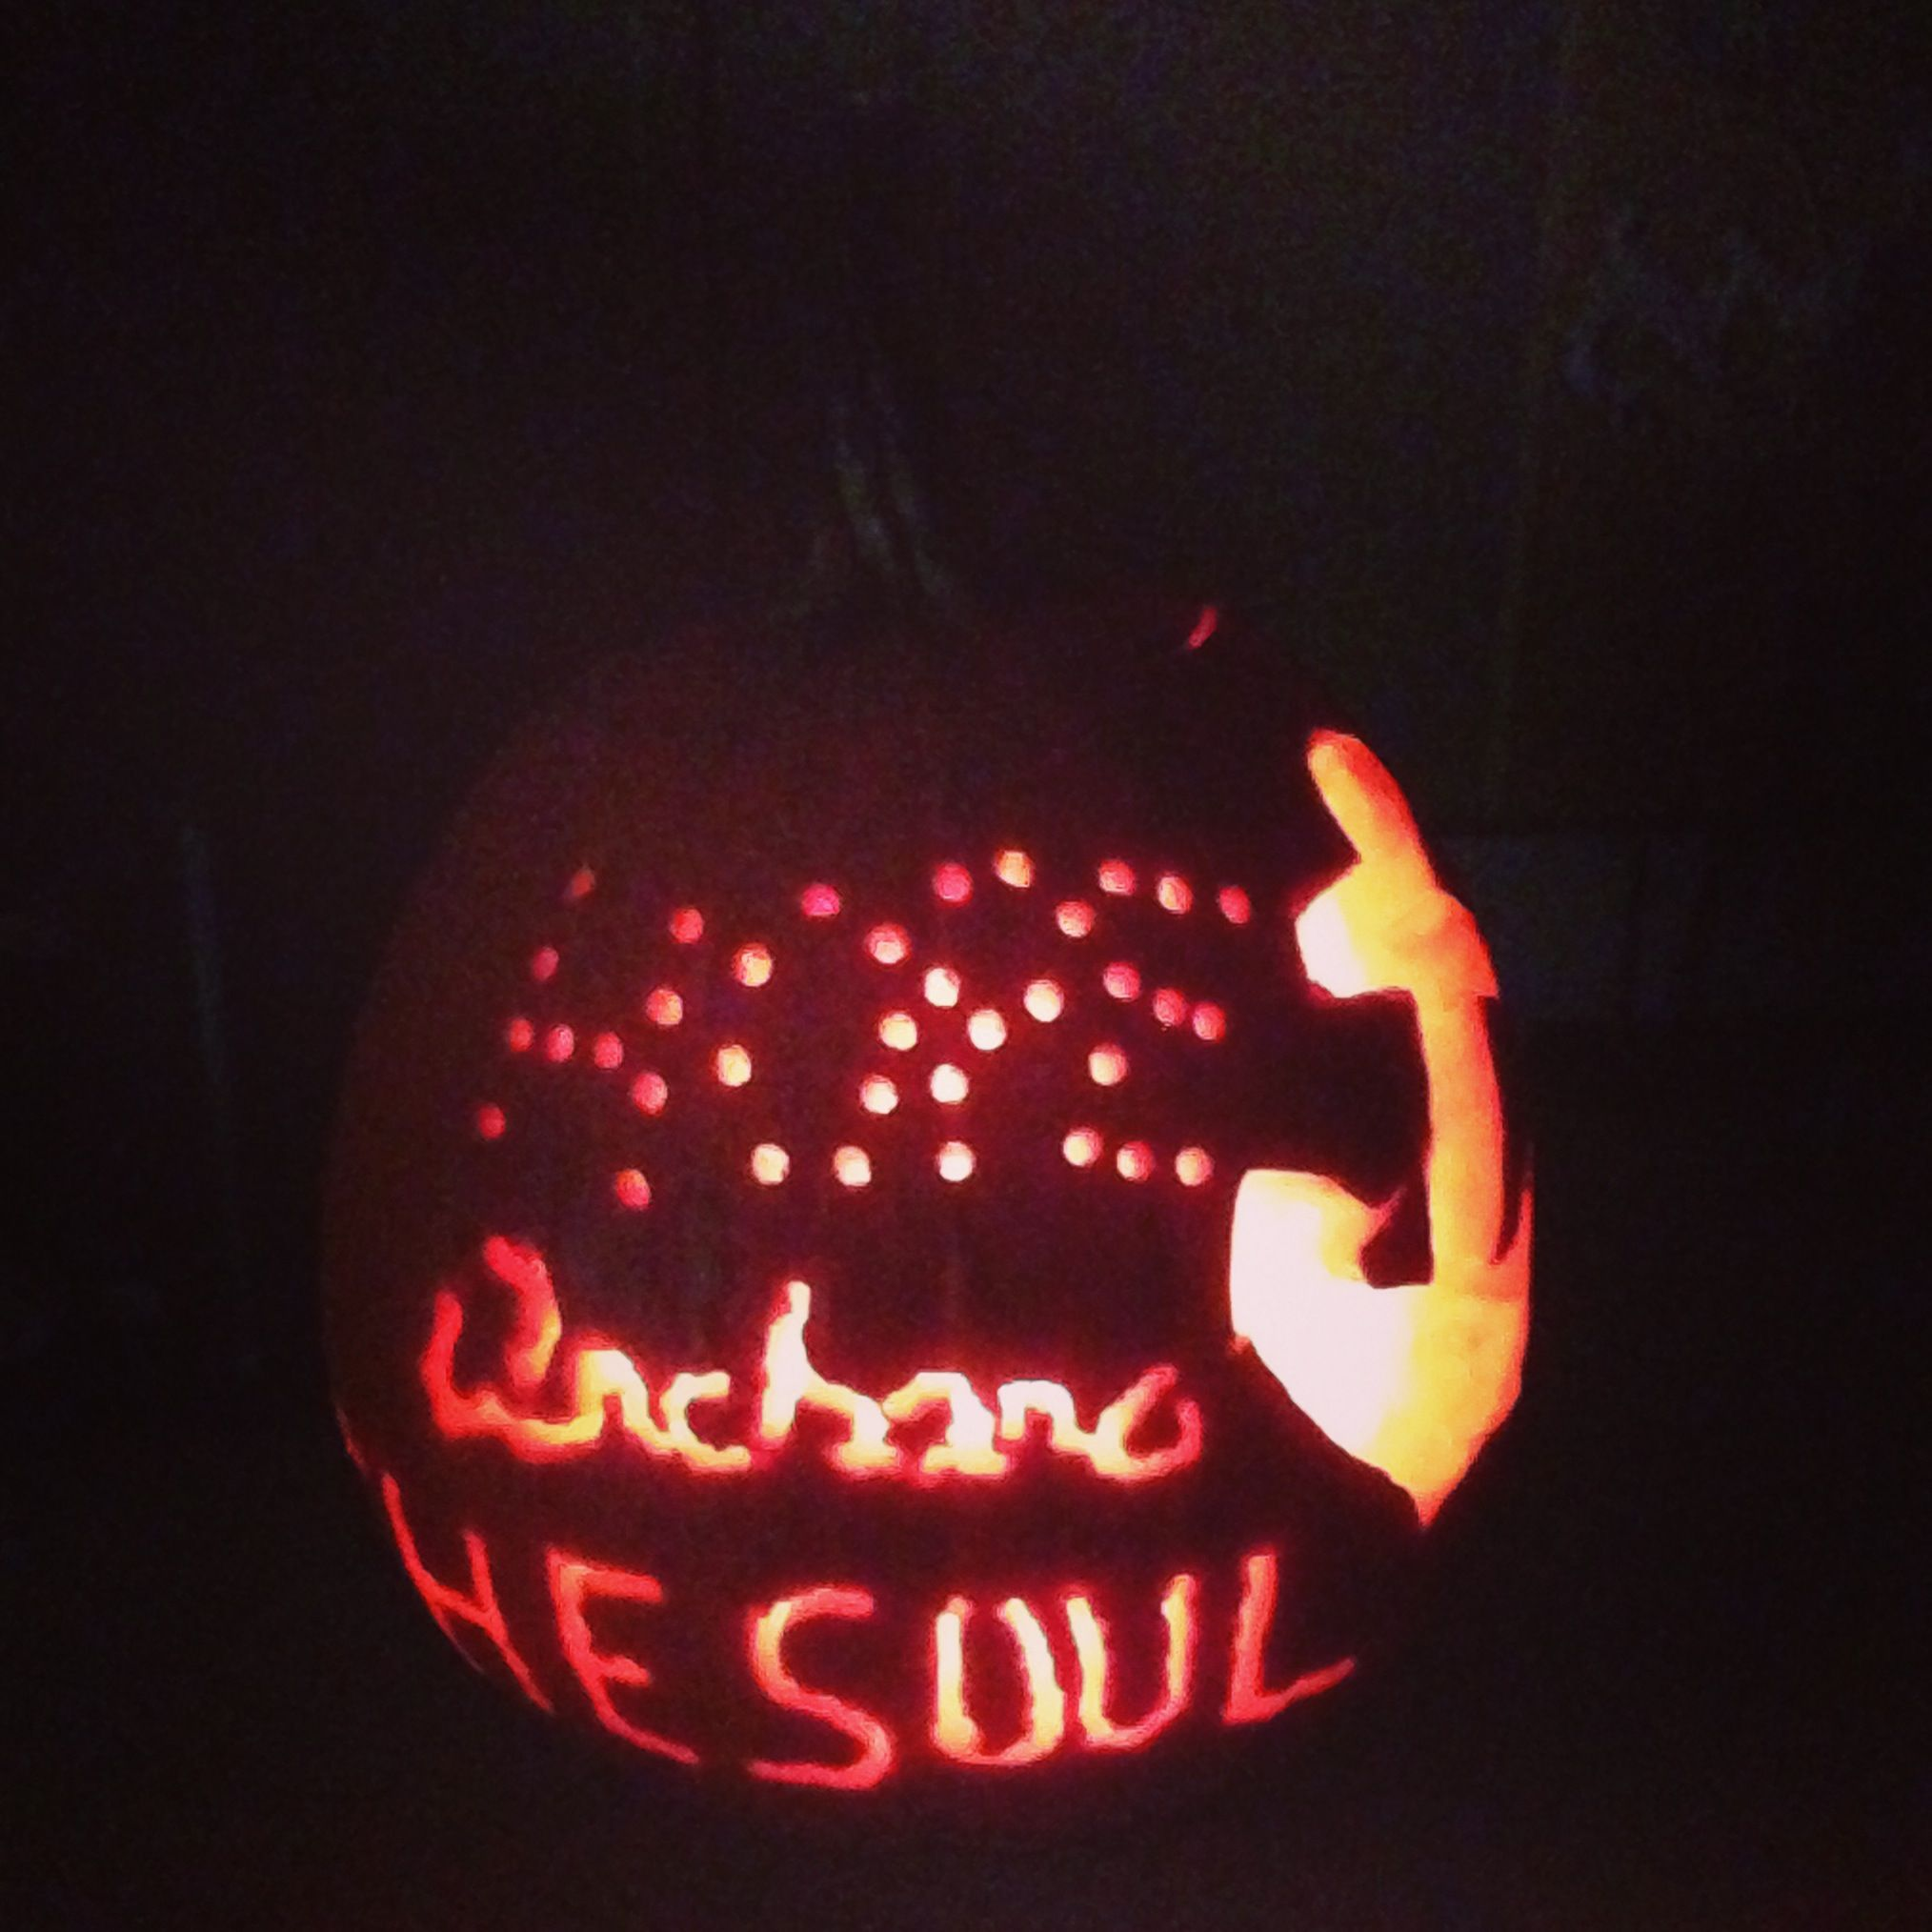 christian halloween decoration christian pumpkin carving bible verse on pumpkin drilled pumpkins hebrews 619 hope anchors the soul